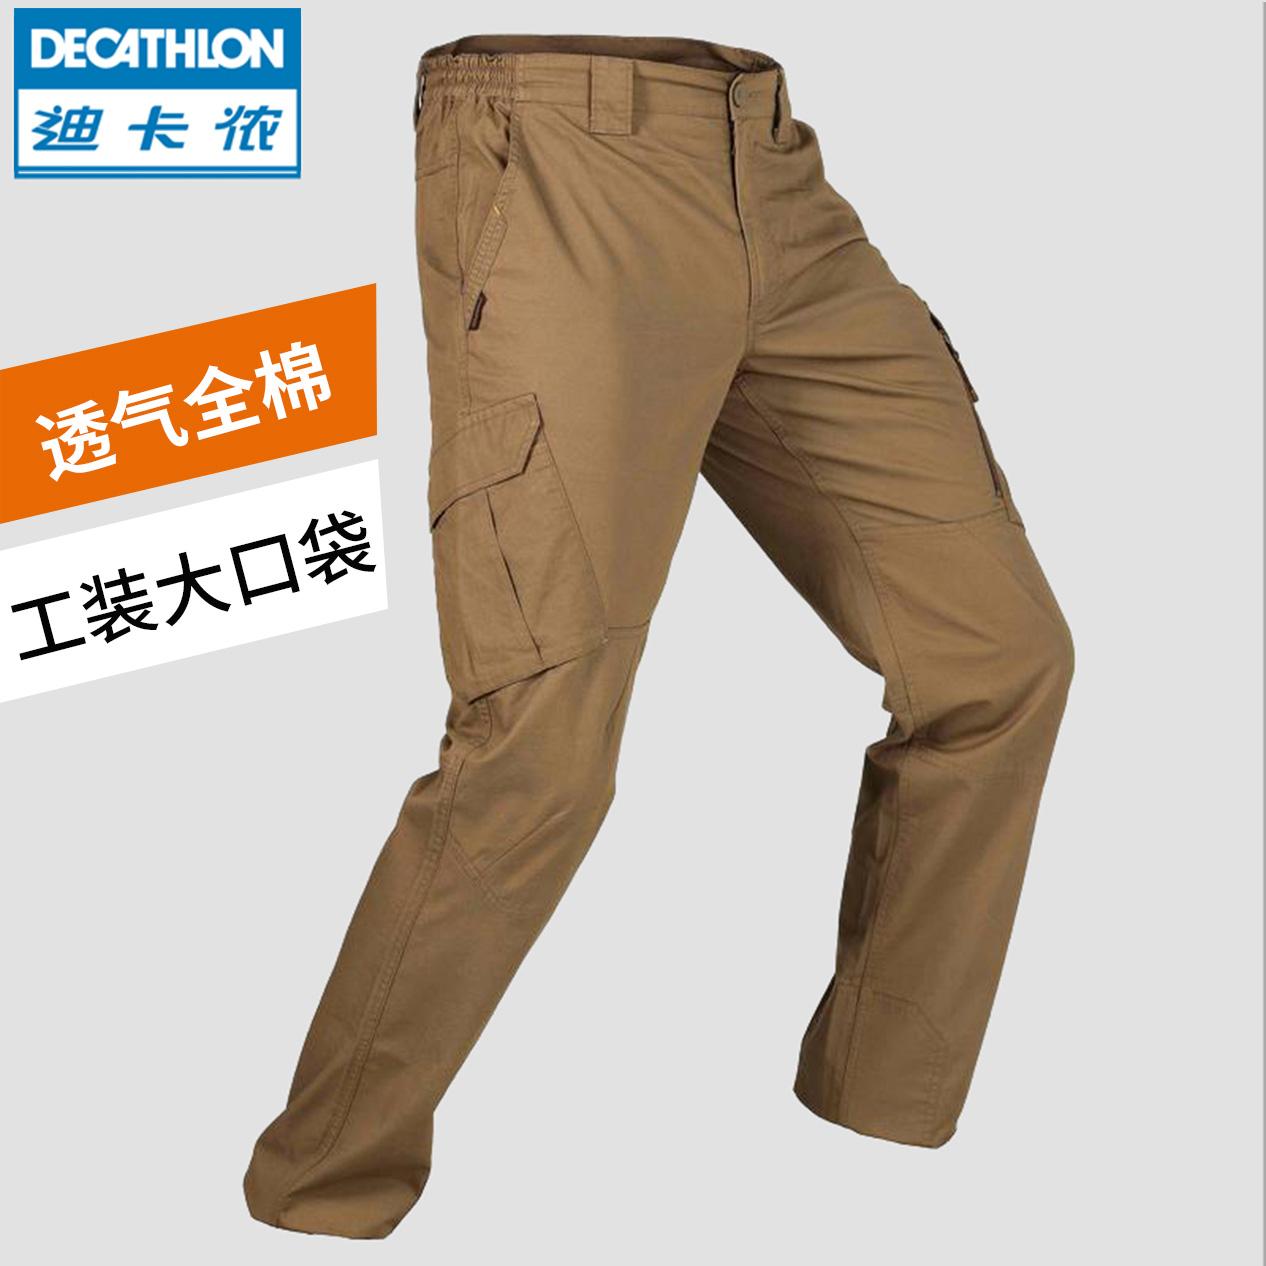 纯棉户外休闲裤